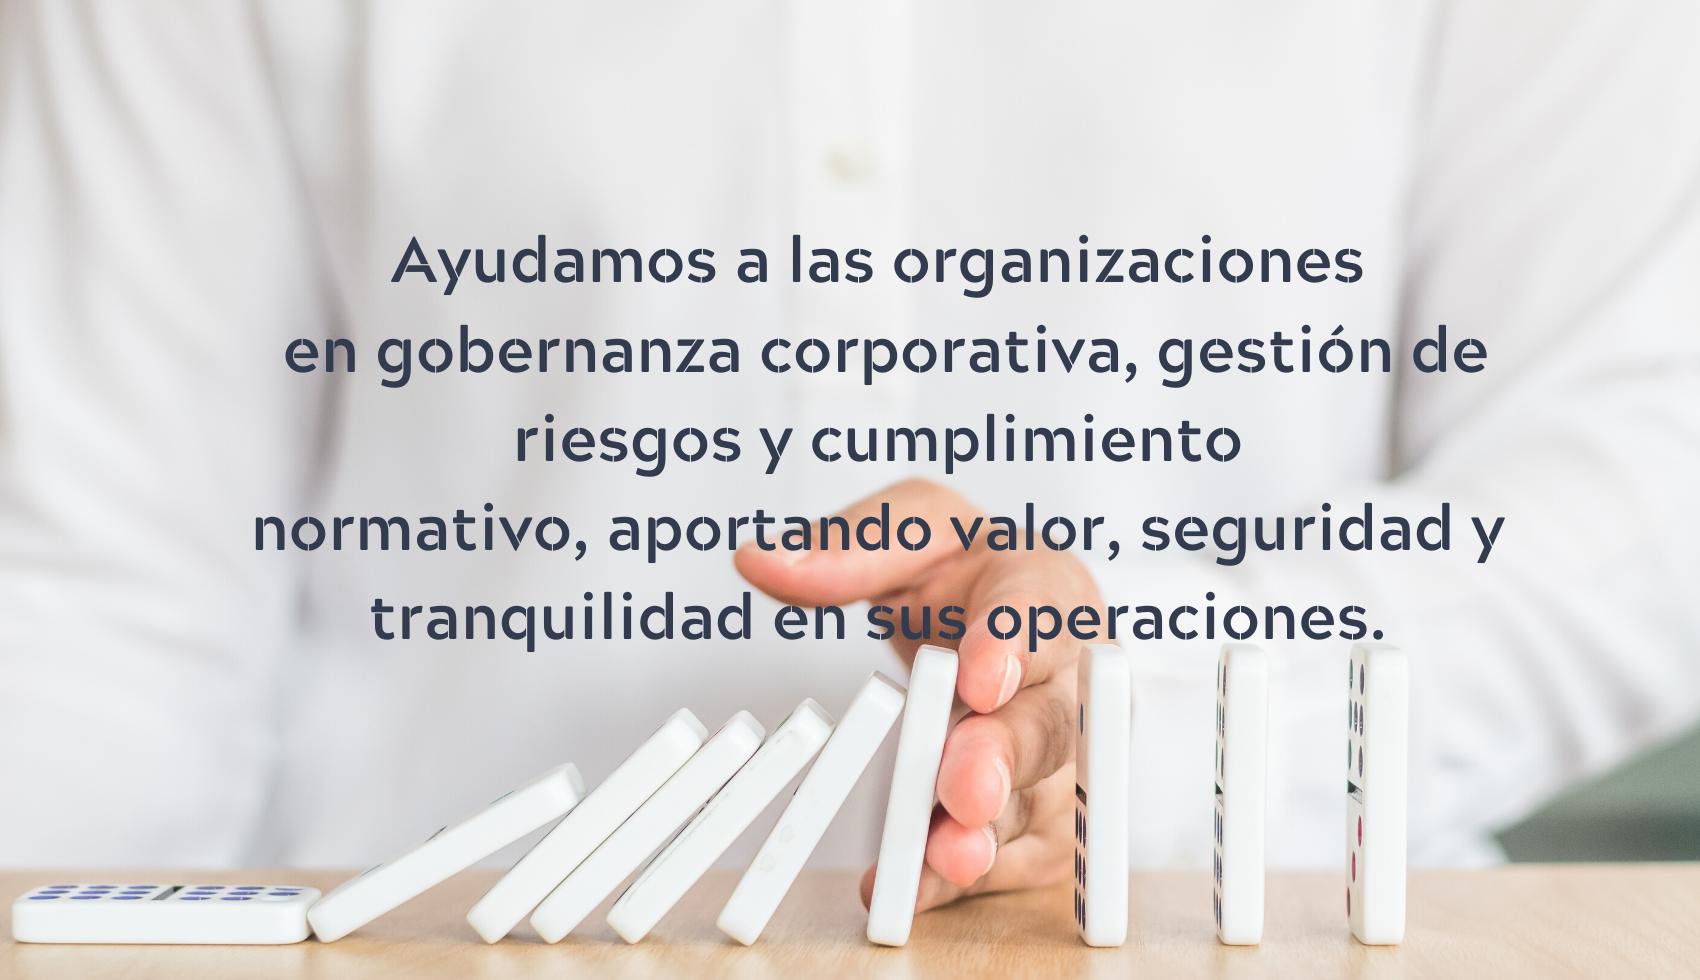 Abogados y consultores en gobernanza corporativa, riesgos y cumplimiento